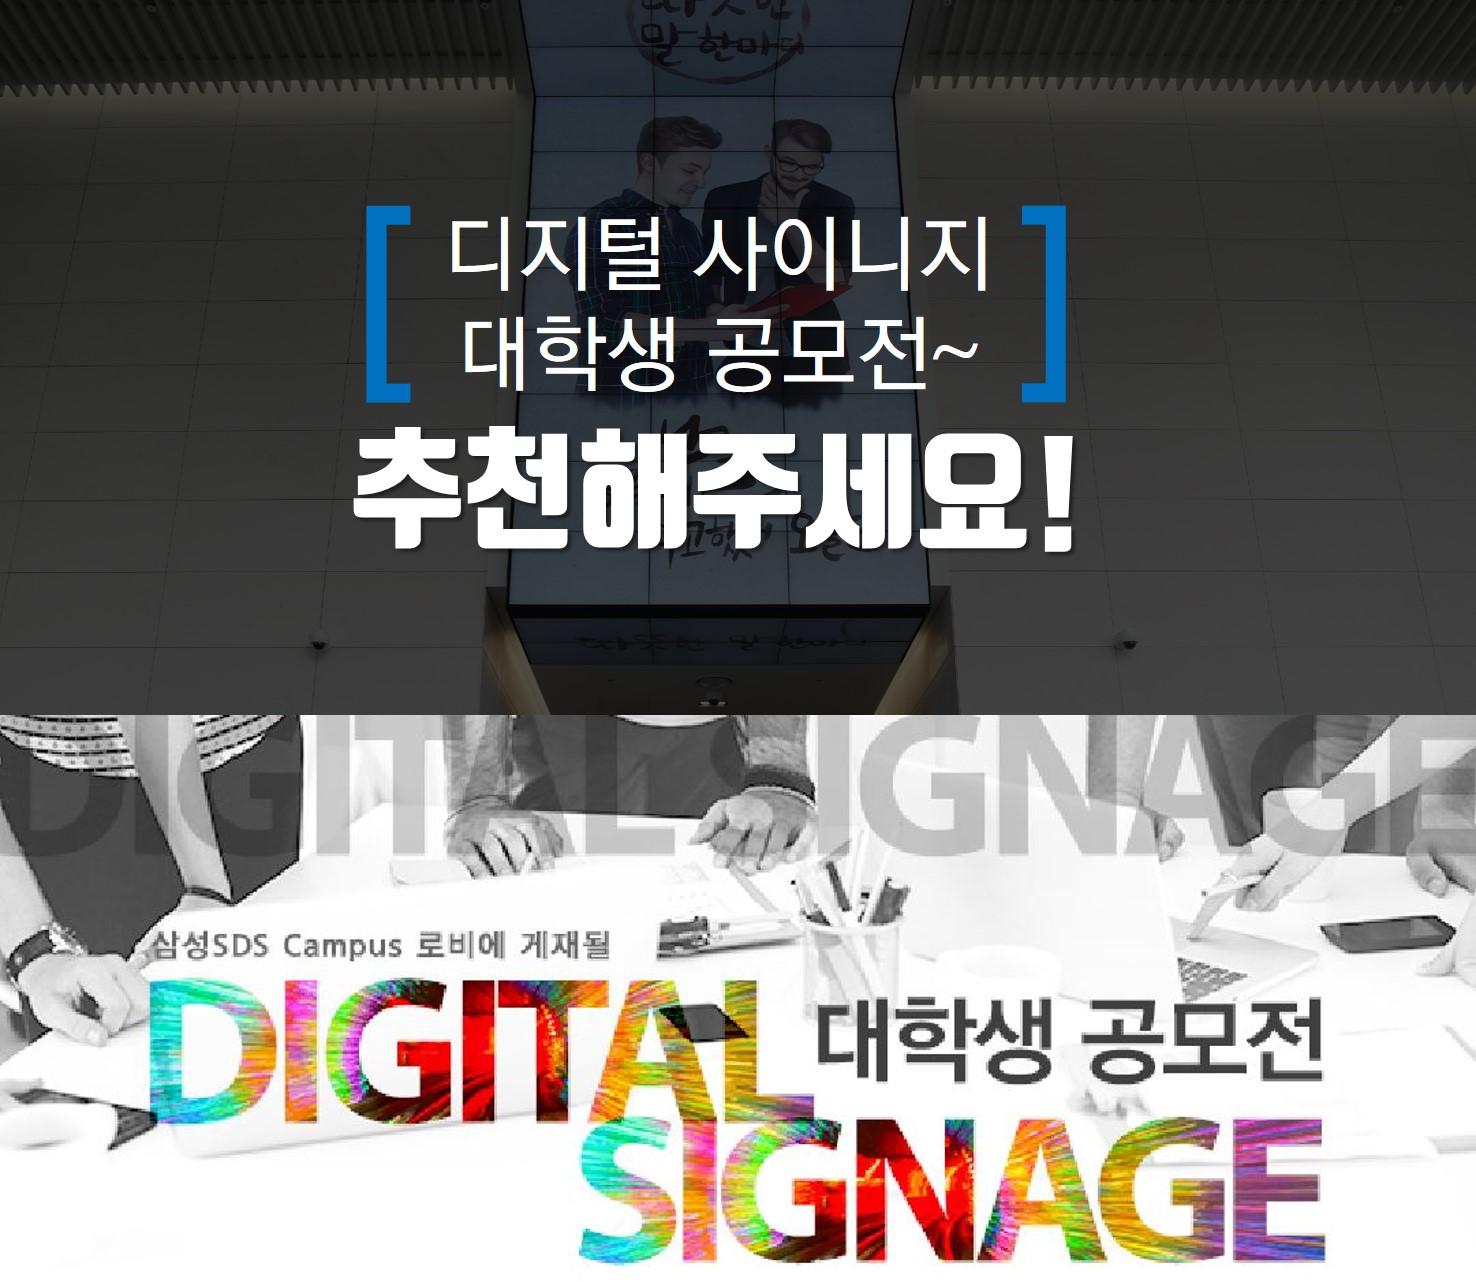 [작품접수 임박] 디지털 사이니지 대학생 공모전~ 추천해주세요!